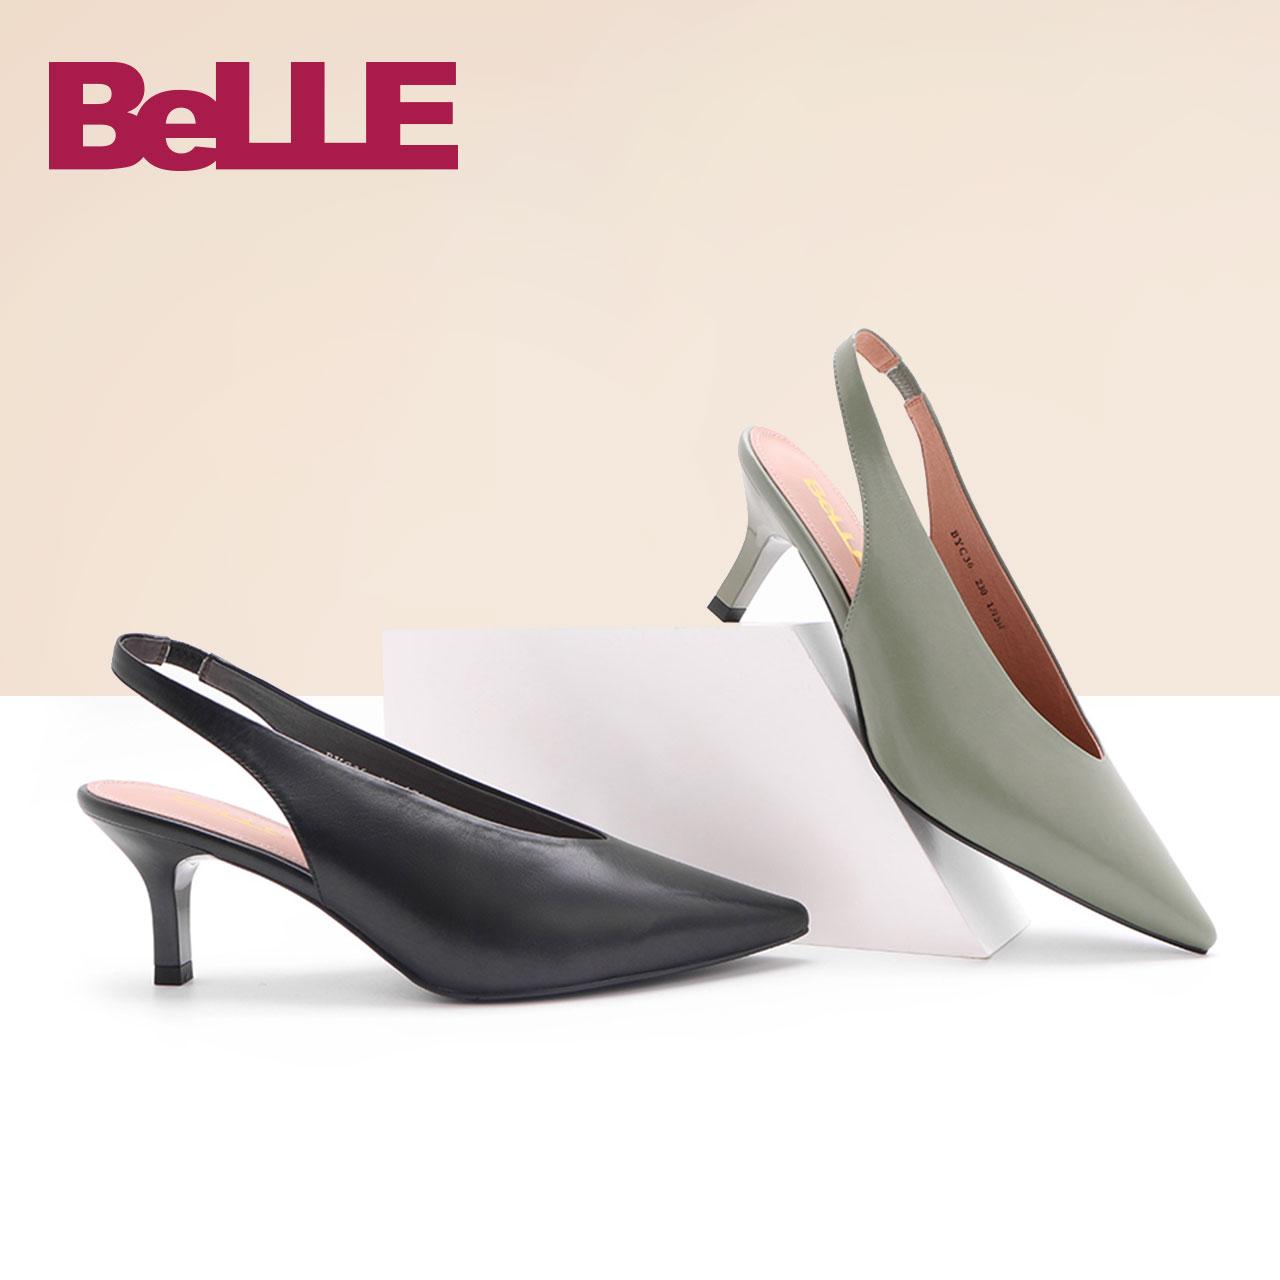 Belle-百丽凉鞋2018夏新款商场牛皮尖头细高跟女鞋BYC36BH8